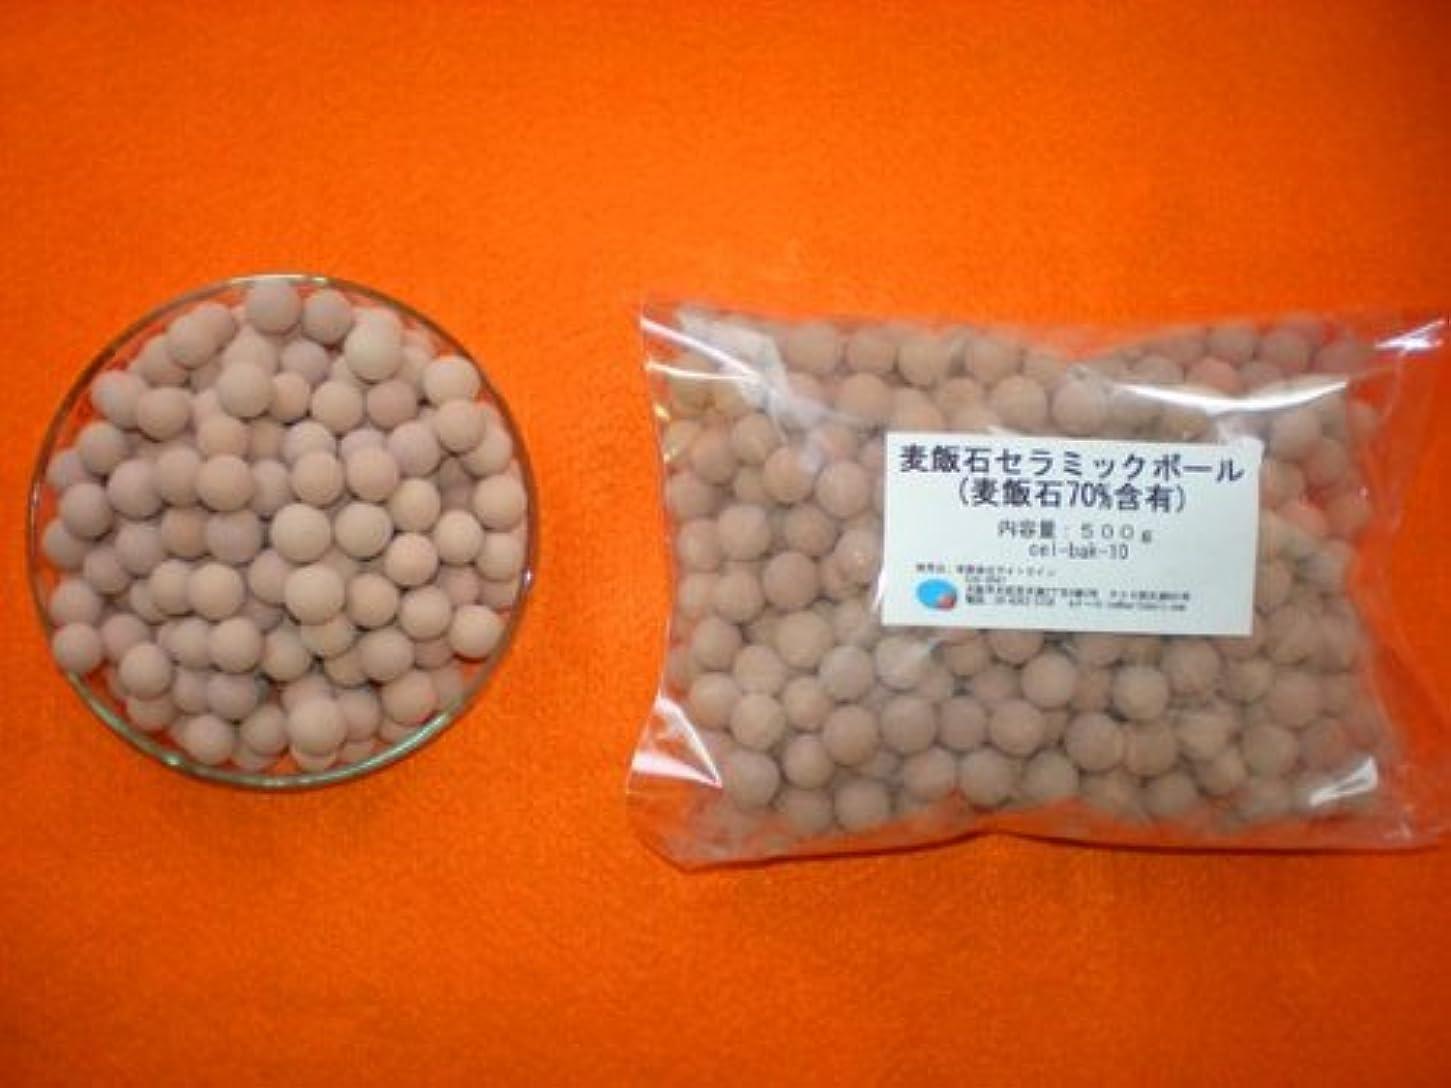 小さなアパルレシピ麦飯石セラミックボール 直径10ミリ/1000g